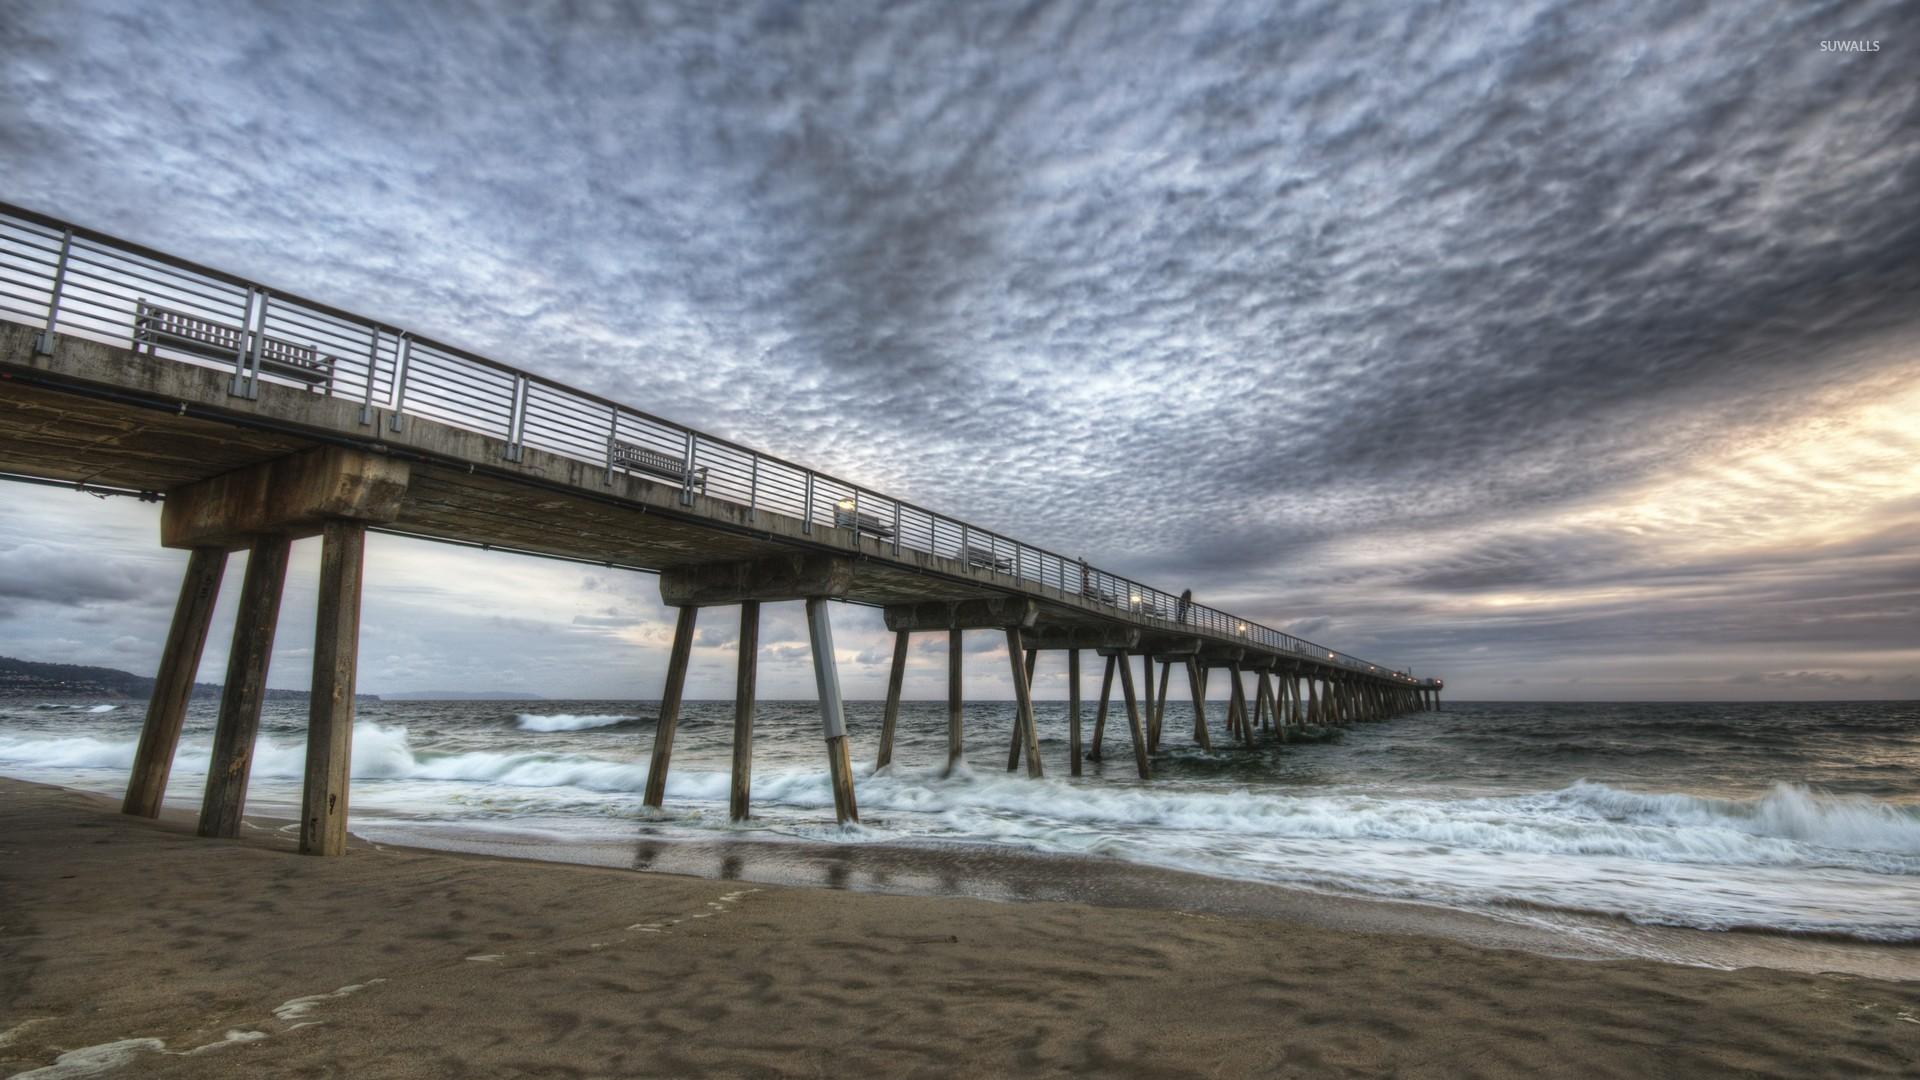 Hermosa Beach Pier 2 Wallpaper World Wallpapers 45048